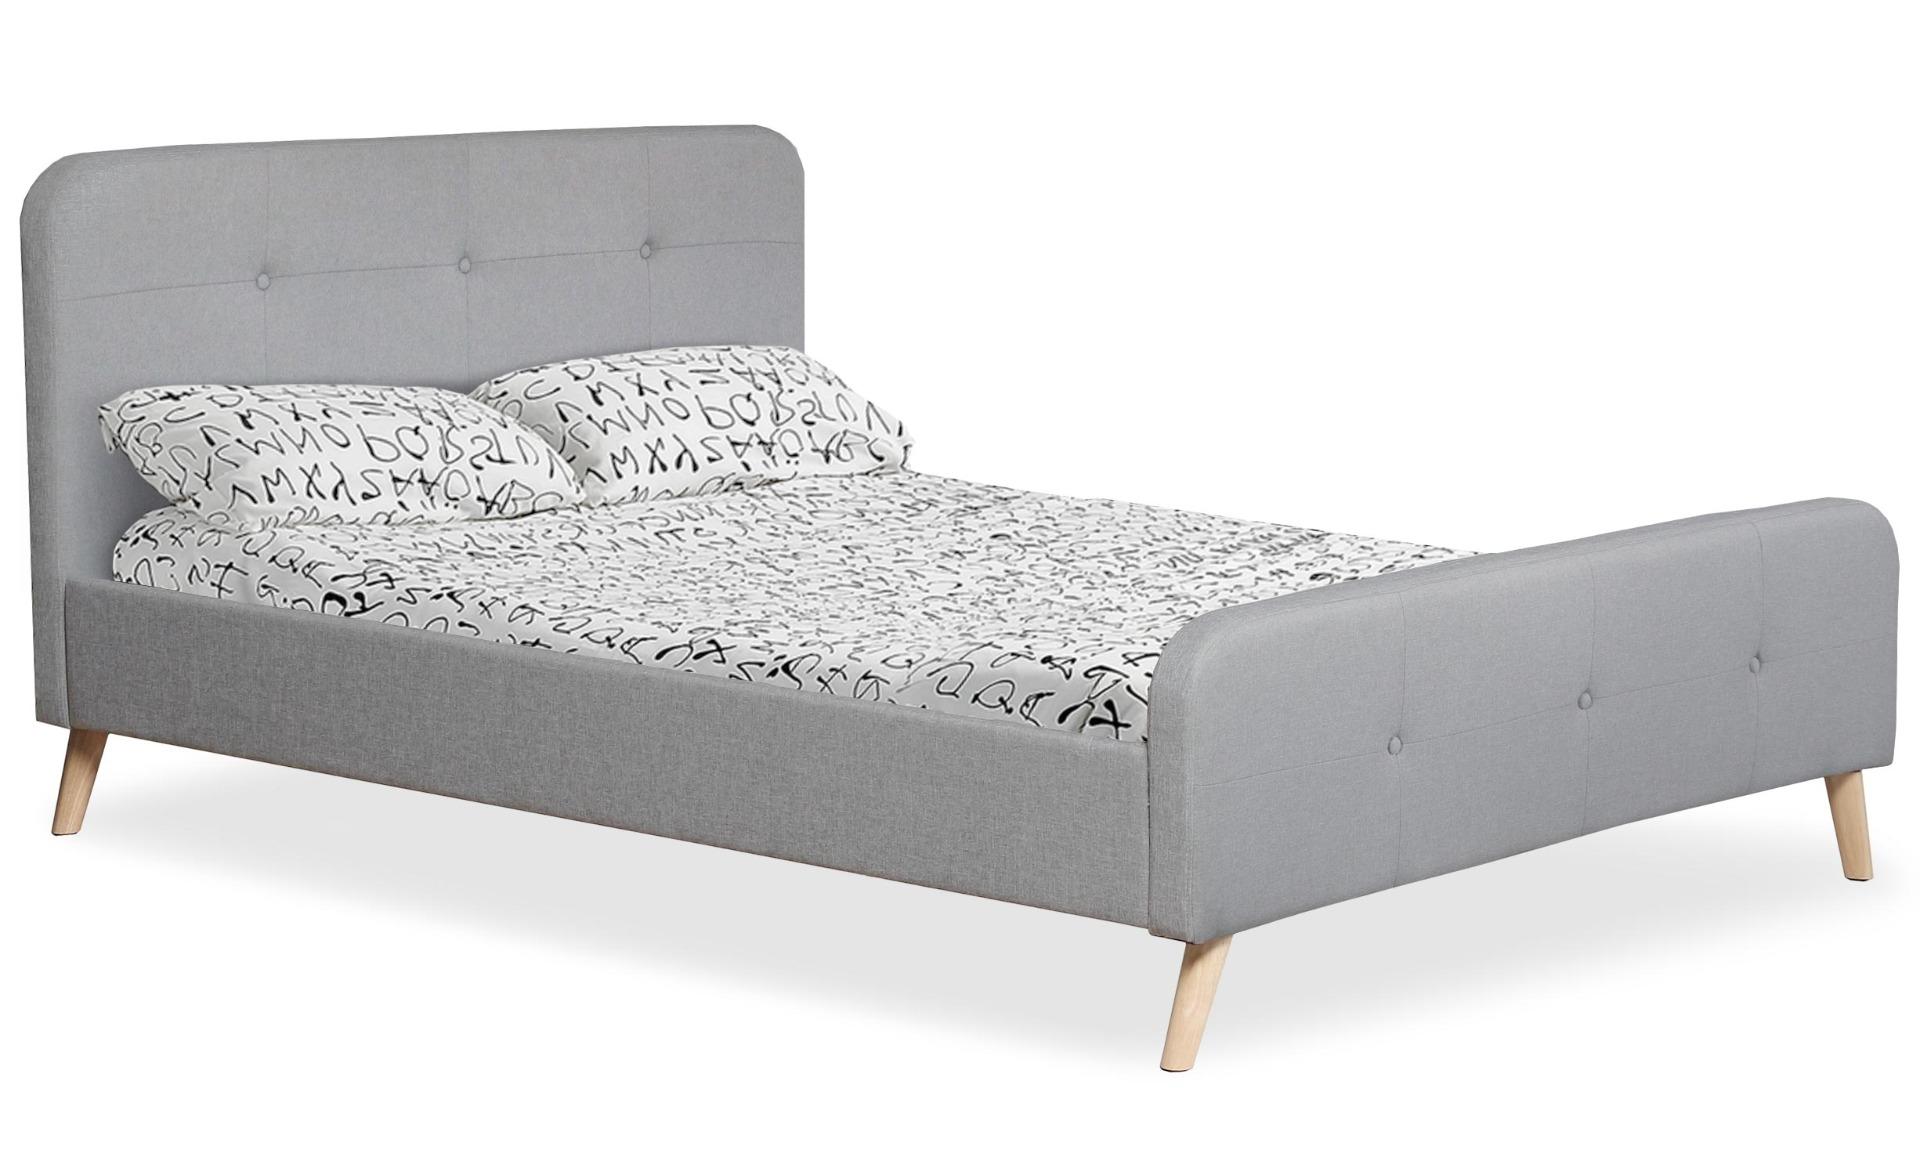 Lit scandinave avec tête de lit et sommier 140 x 190cm Delano Tissu Gris